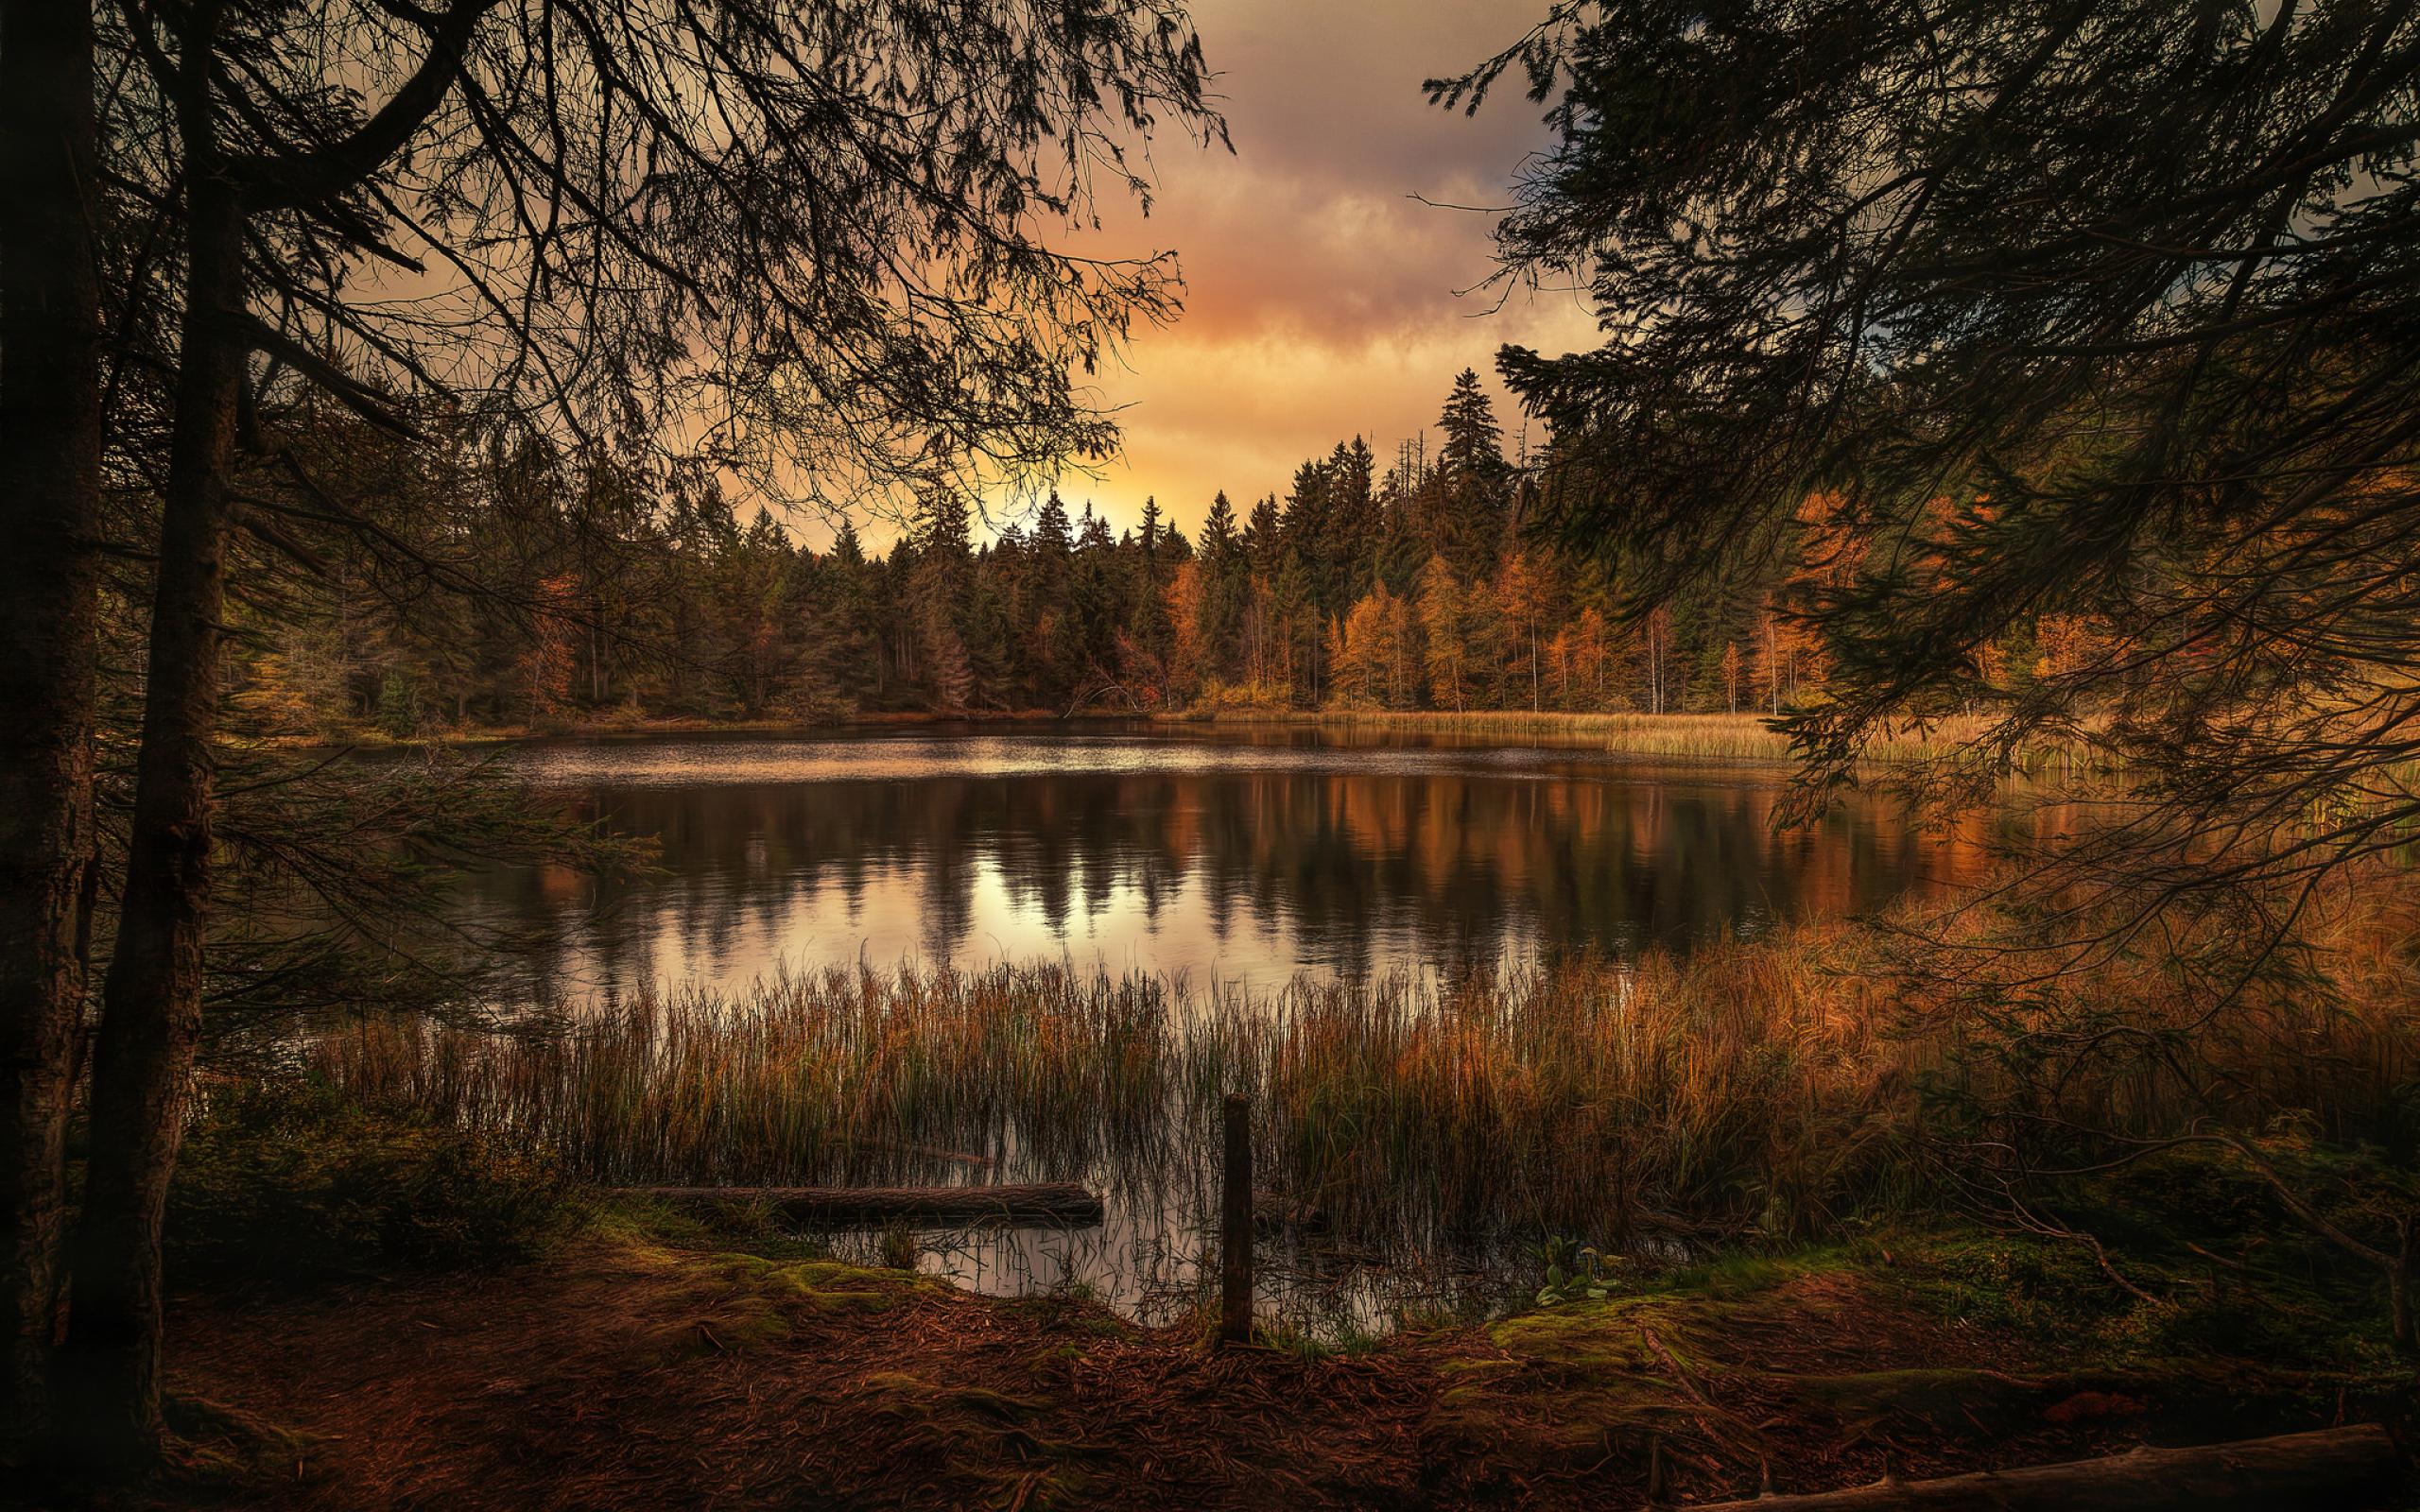 озеро в лесу на закате  № 380224 загрузить